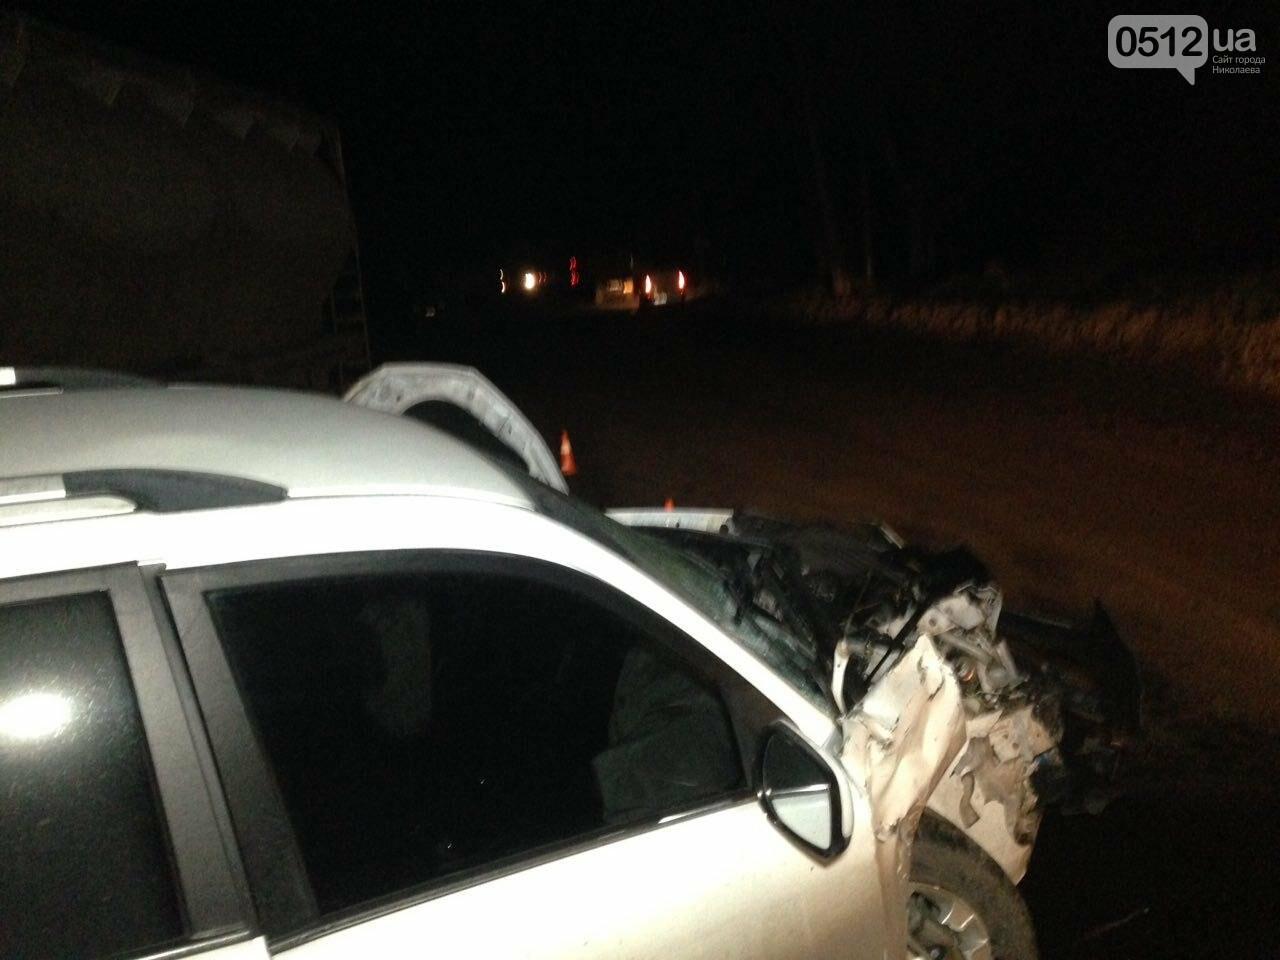 """На въезде в Николаев """"легковушка"""" лоб в лоб столкнулась с грузовиком - есть пострадавшие, - ФОТО, ВИДЕО, фото-2"""